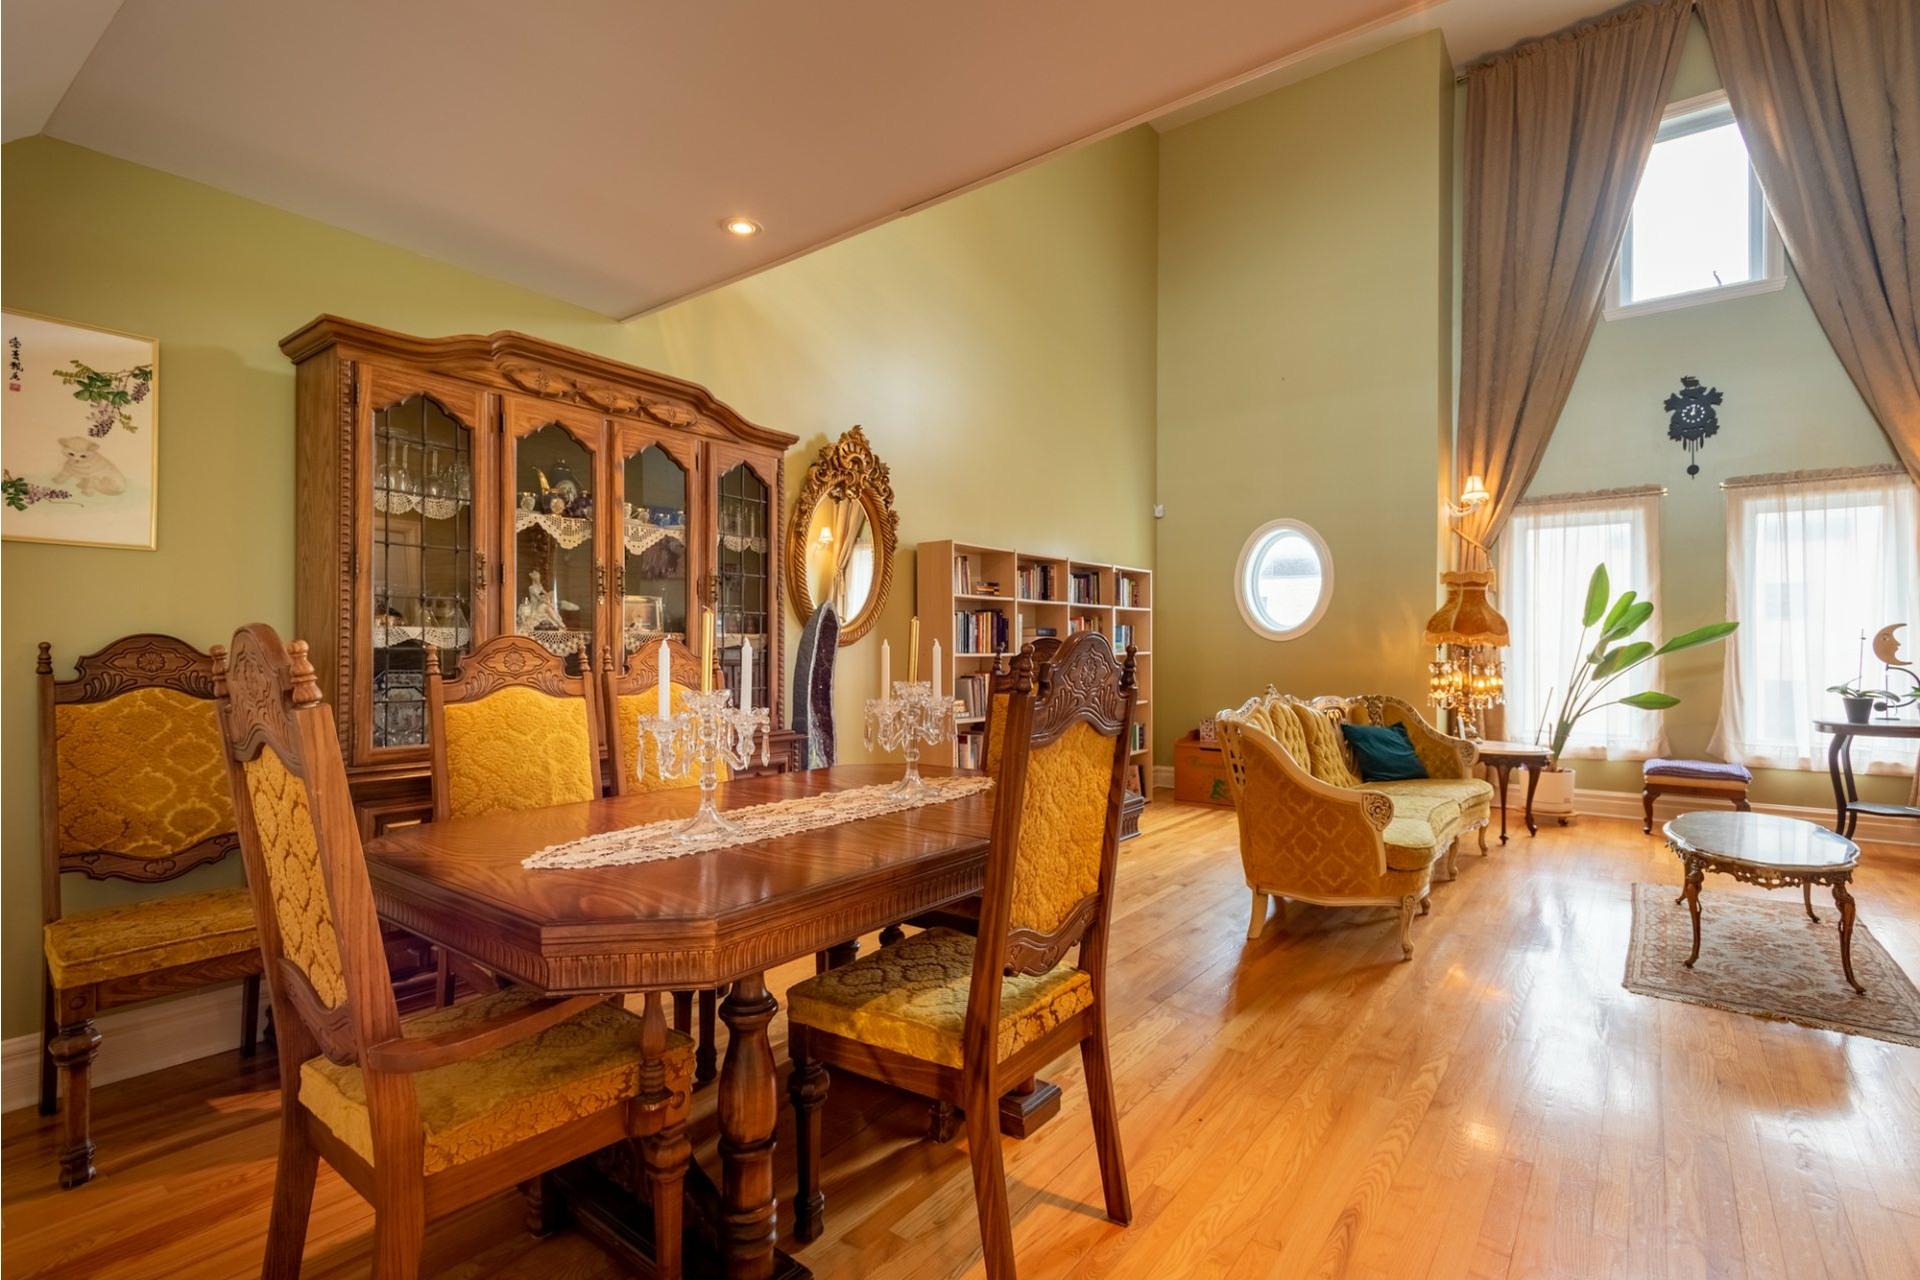 image 7 - Apartment For sale Le Plateau-Mont-Royal Montréal  - 7 rooms